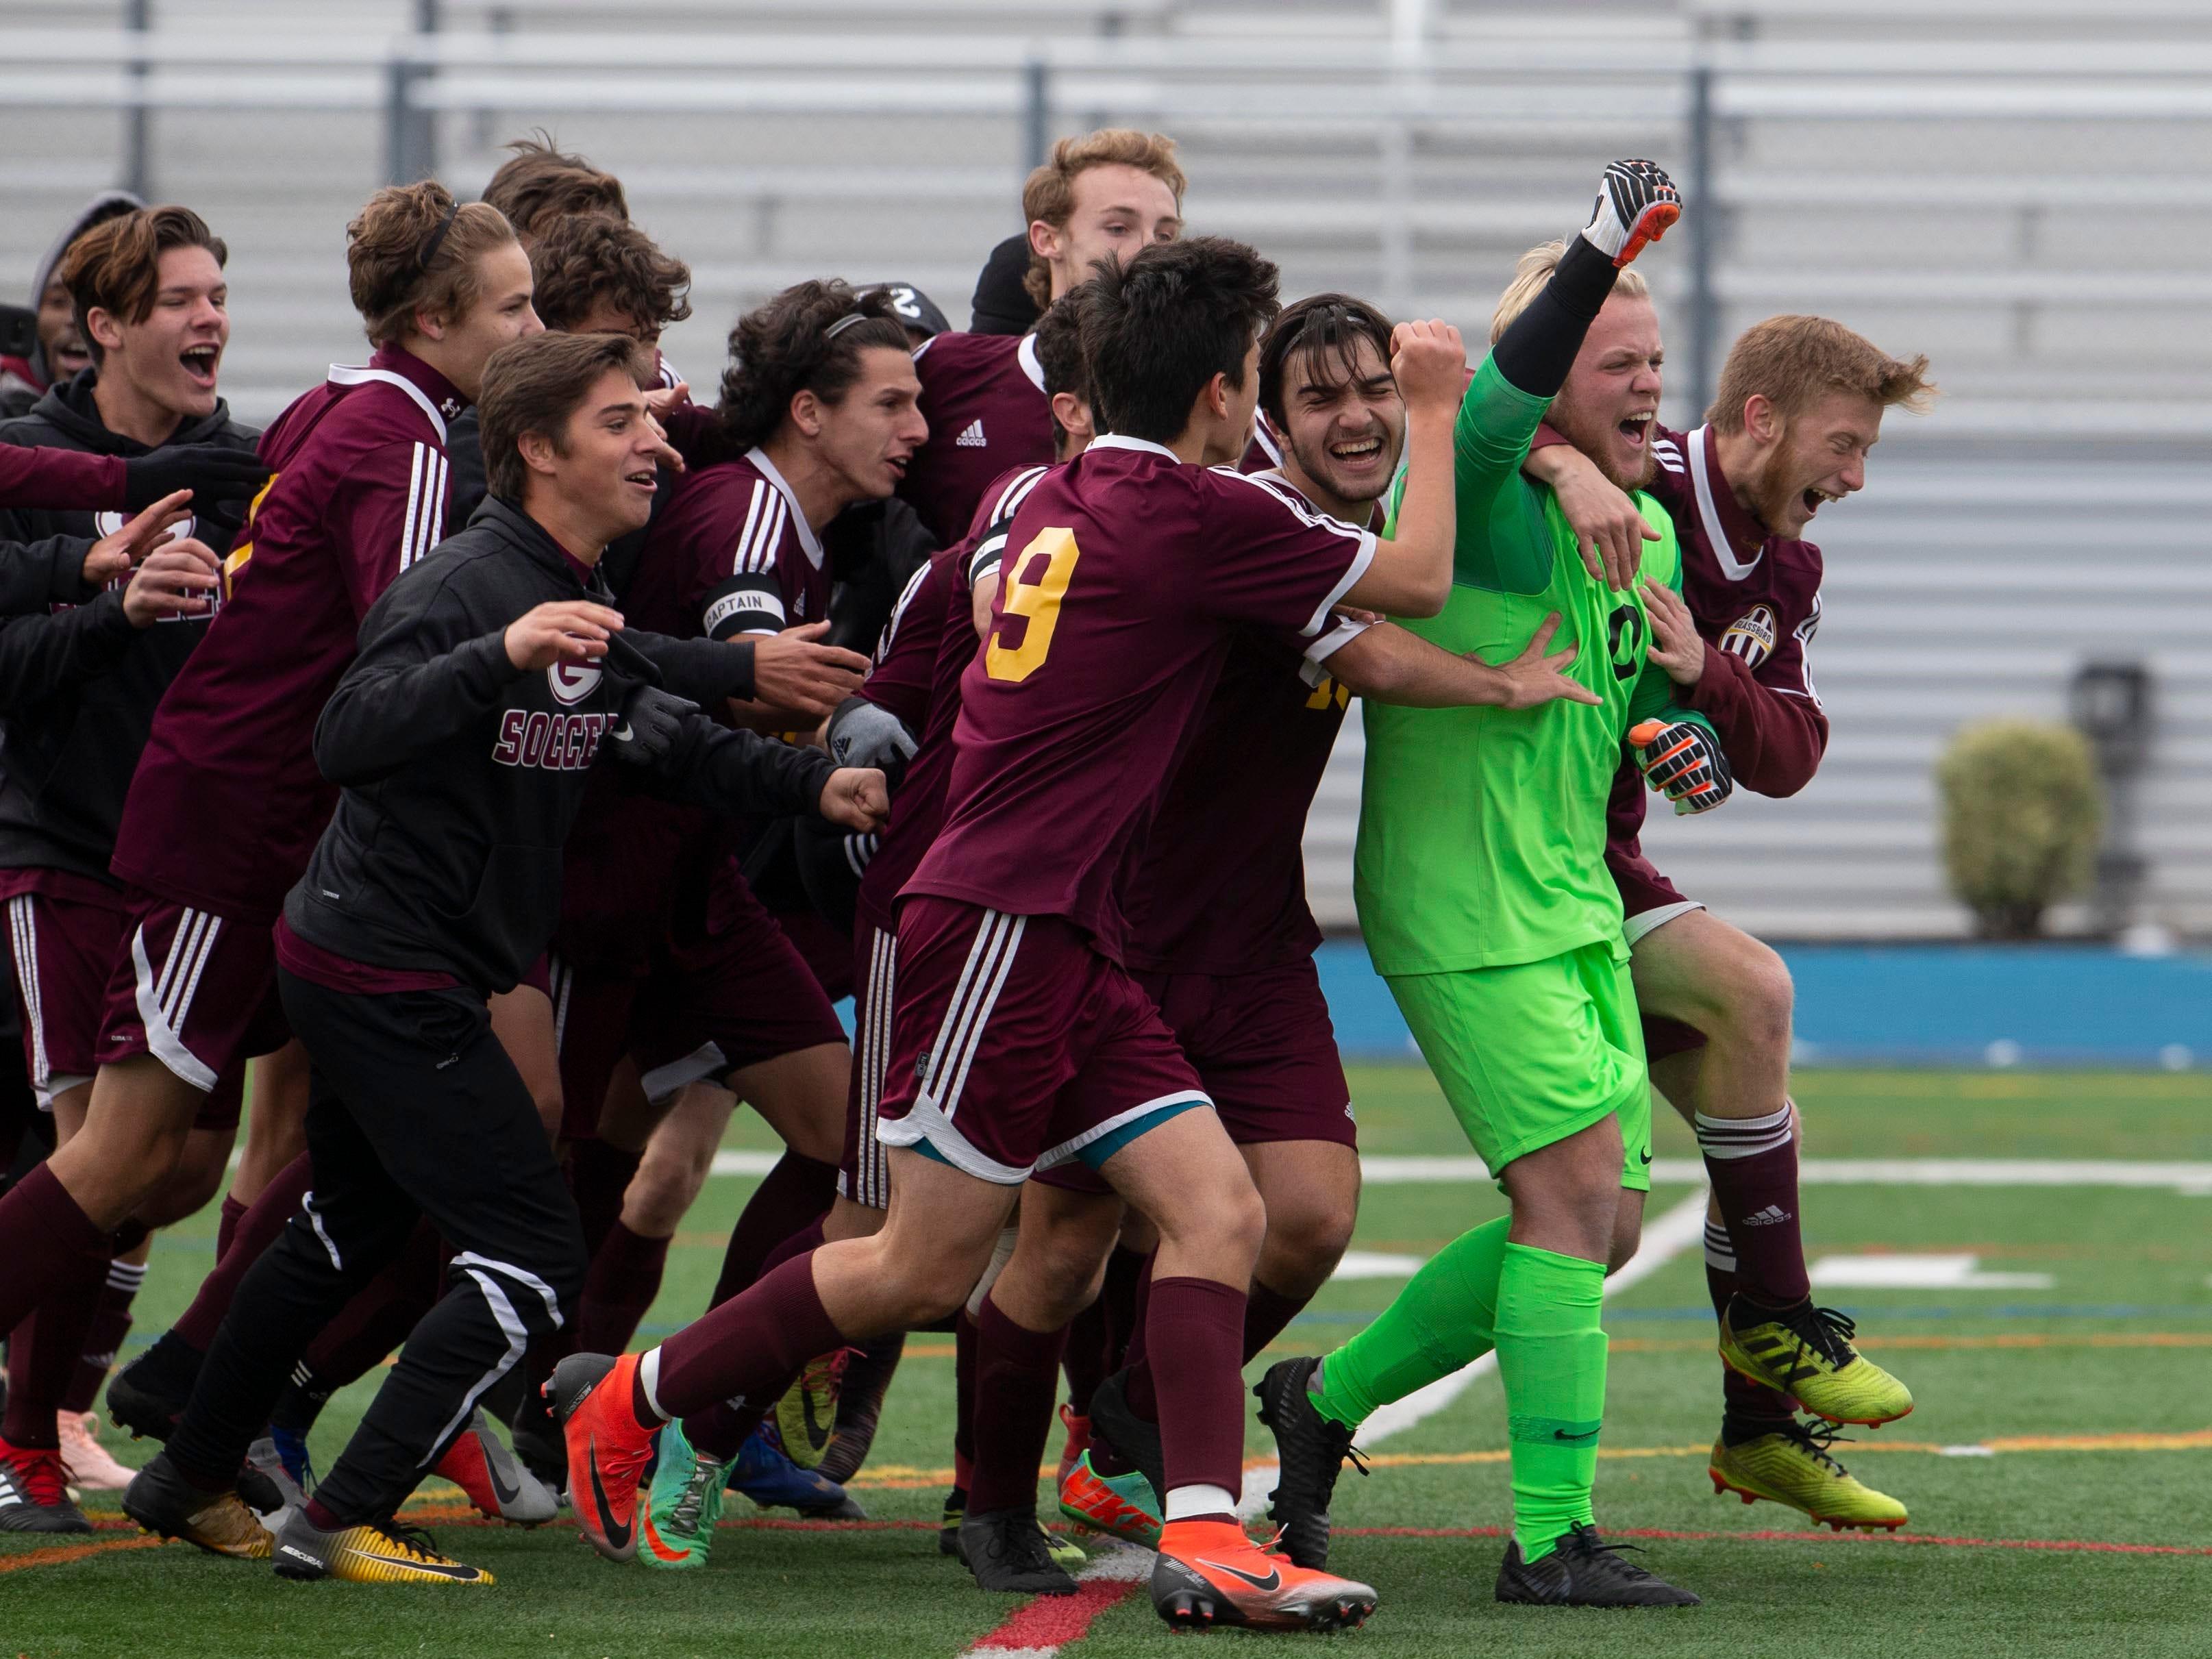 Gllassboro celebrate their state win on penalty kicks. New Providence vs. Glassboro in Boys Group I Soccer in Union NJ.